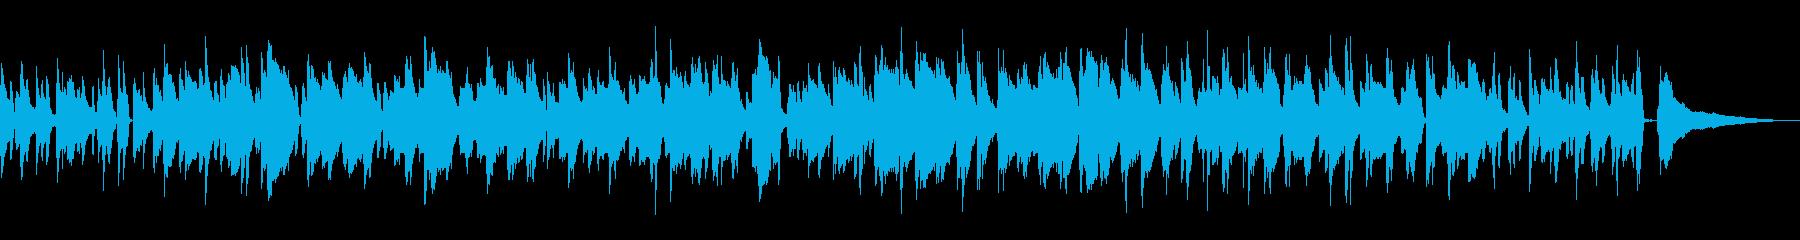 心地よいラウンジ風ボサノバ/ピアノトリオの再生済みの波形